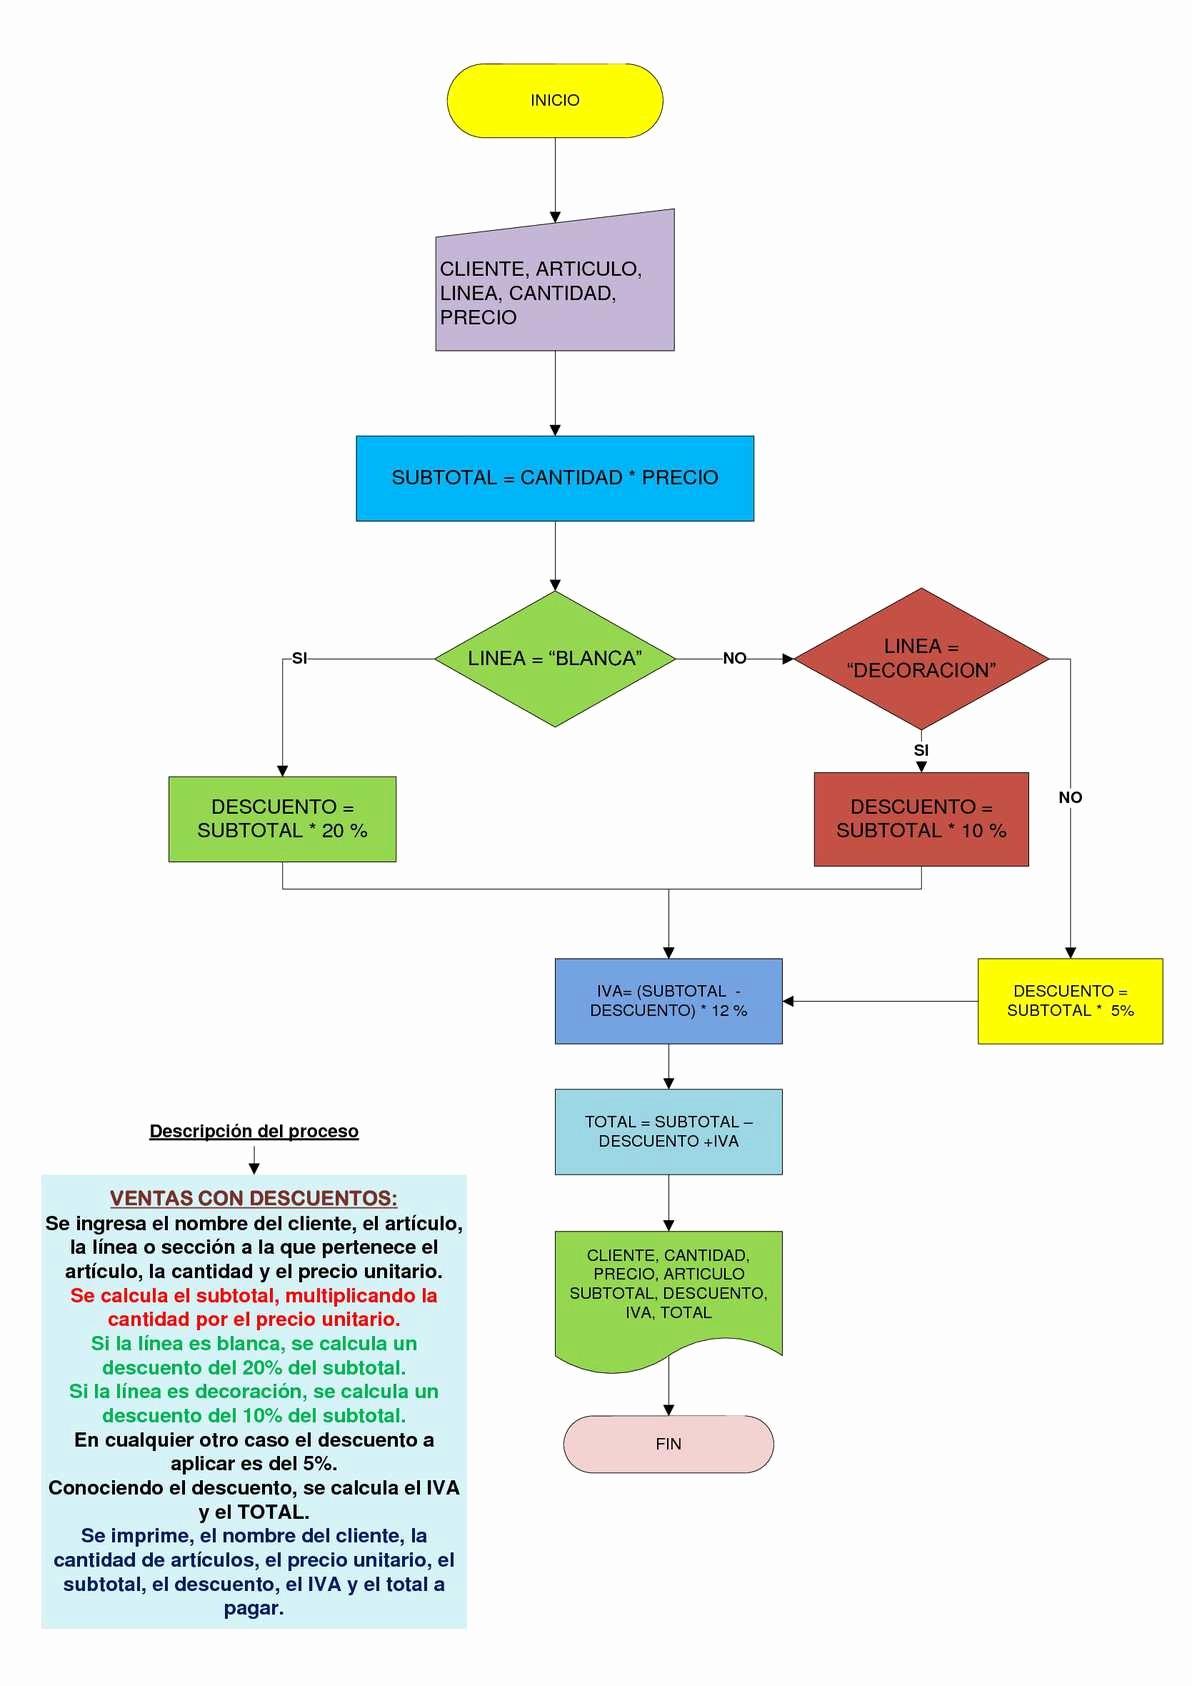 Diagramas De Flujo En Excel Inspirational Calaméo Diagrama De Flujo Básico